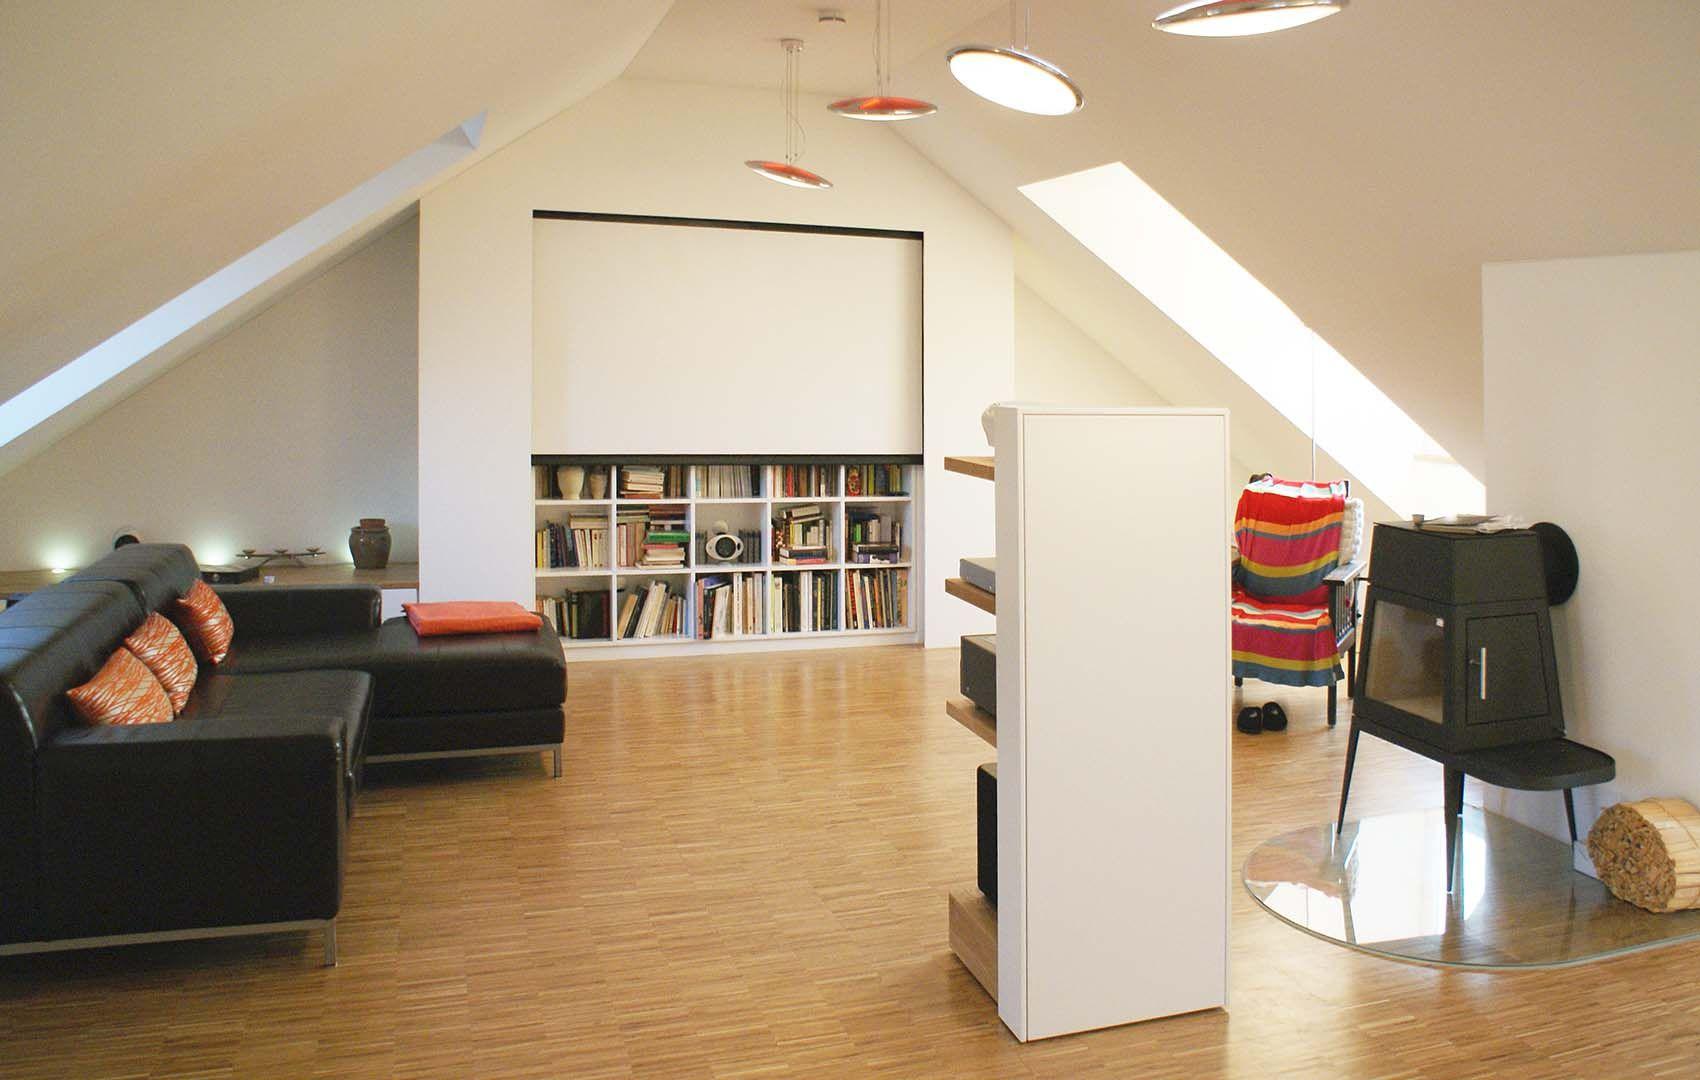 Möbelgeschäft Darmstadt ihr schreiner nach maß in darmstadt arheilgen literatur oder